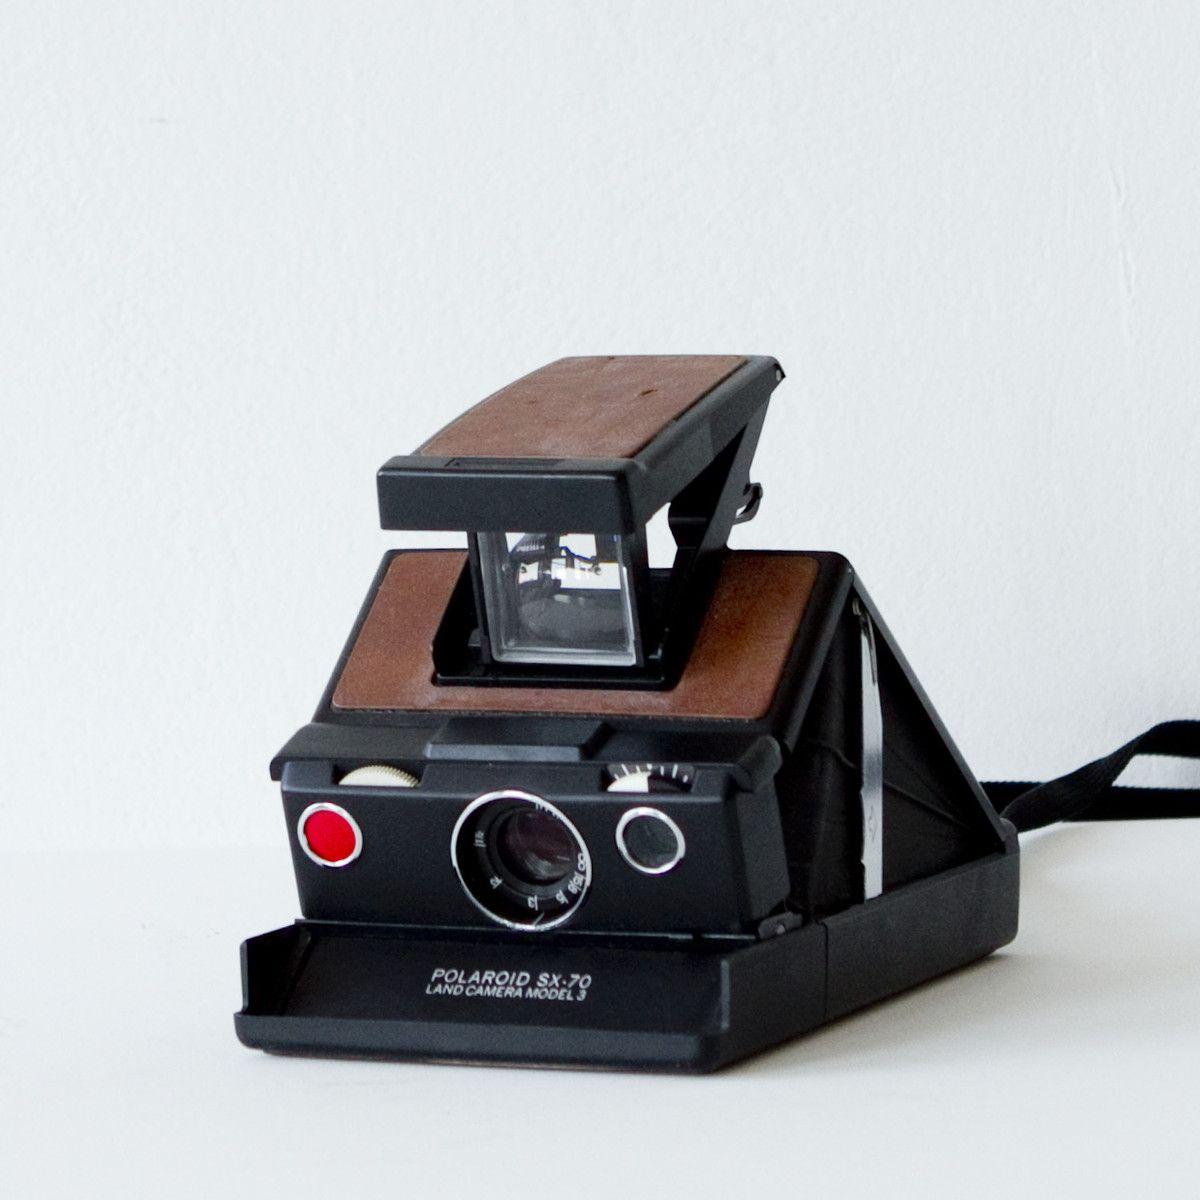 Cámara Polaroid sx-70 Land Camera cámara Model 3 III